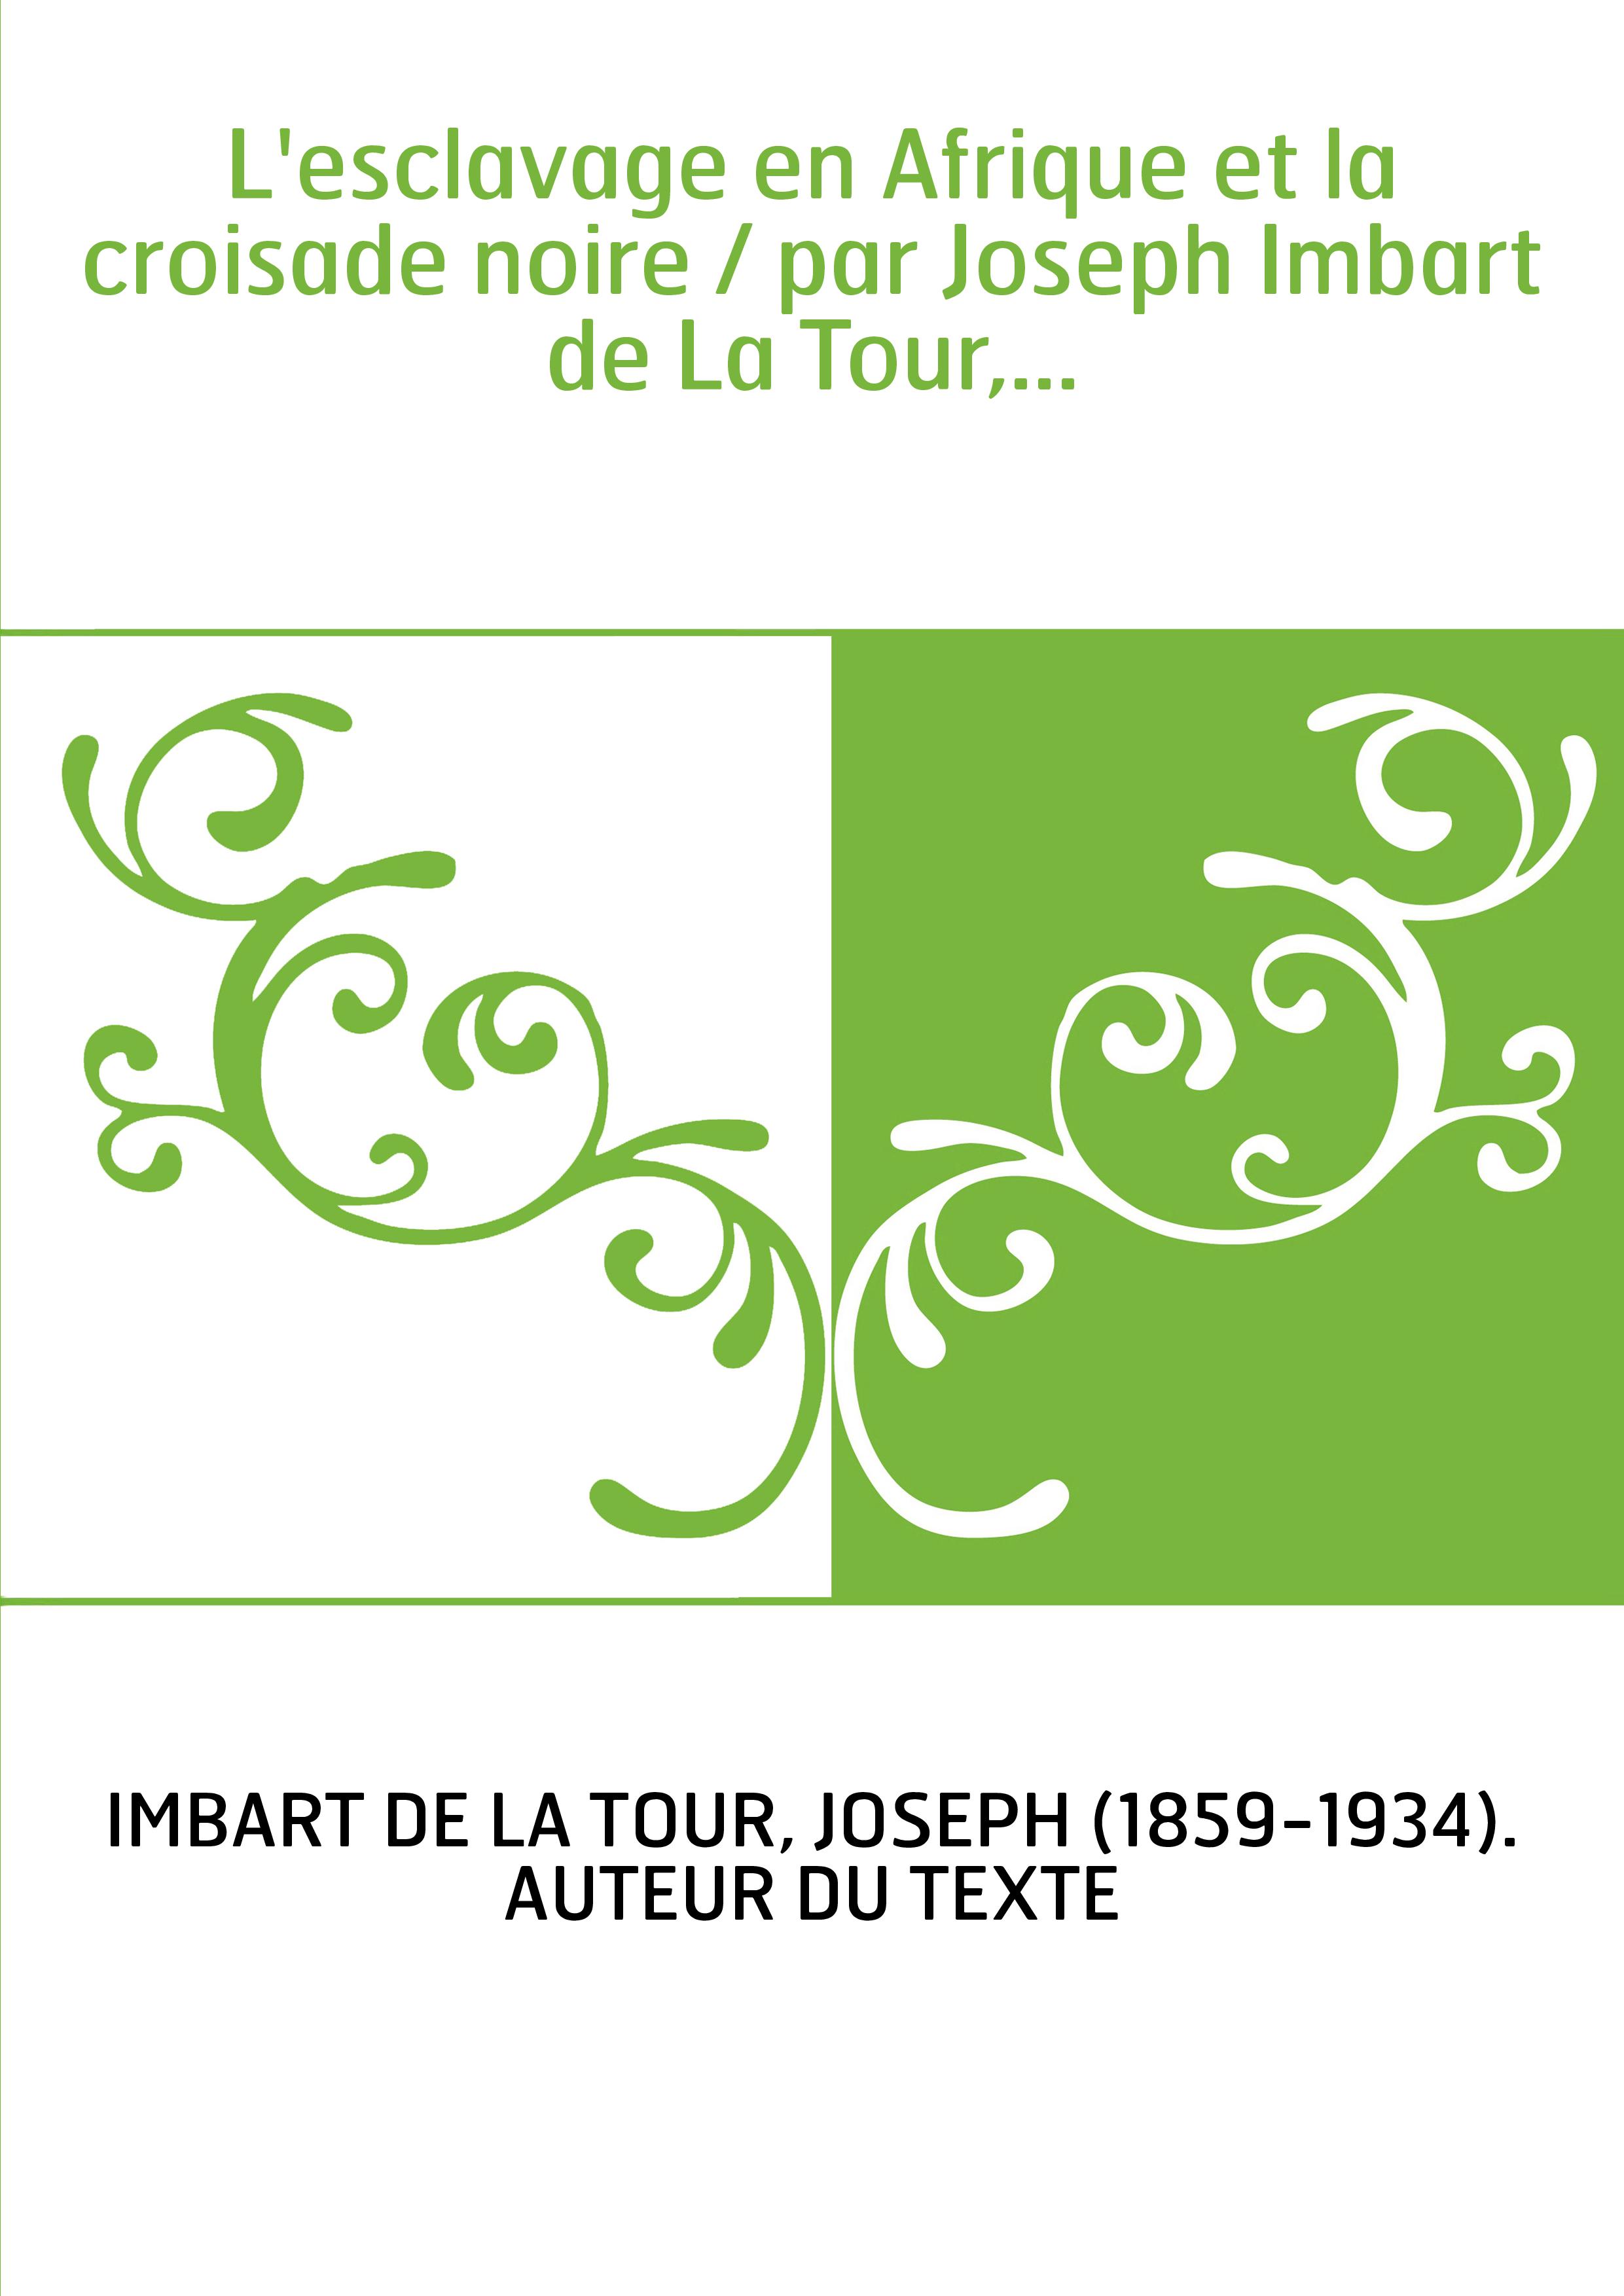 L'esclavage en Afrique et la croisade noire / par Joseph Imbart de La Tour,...